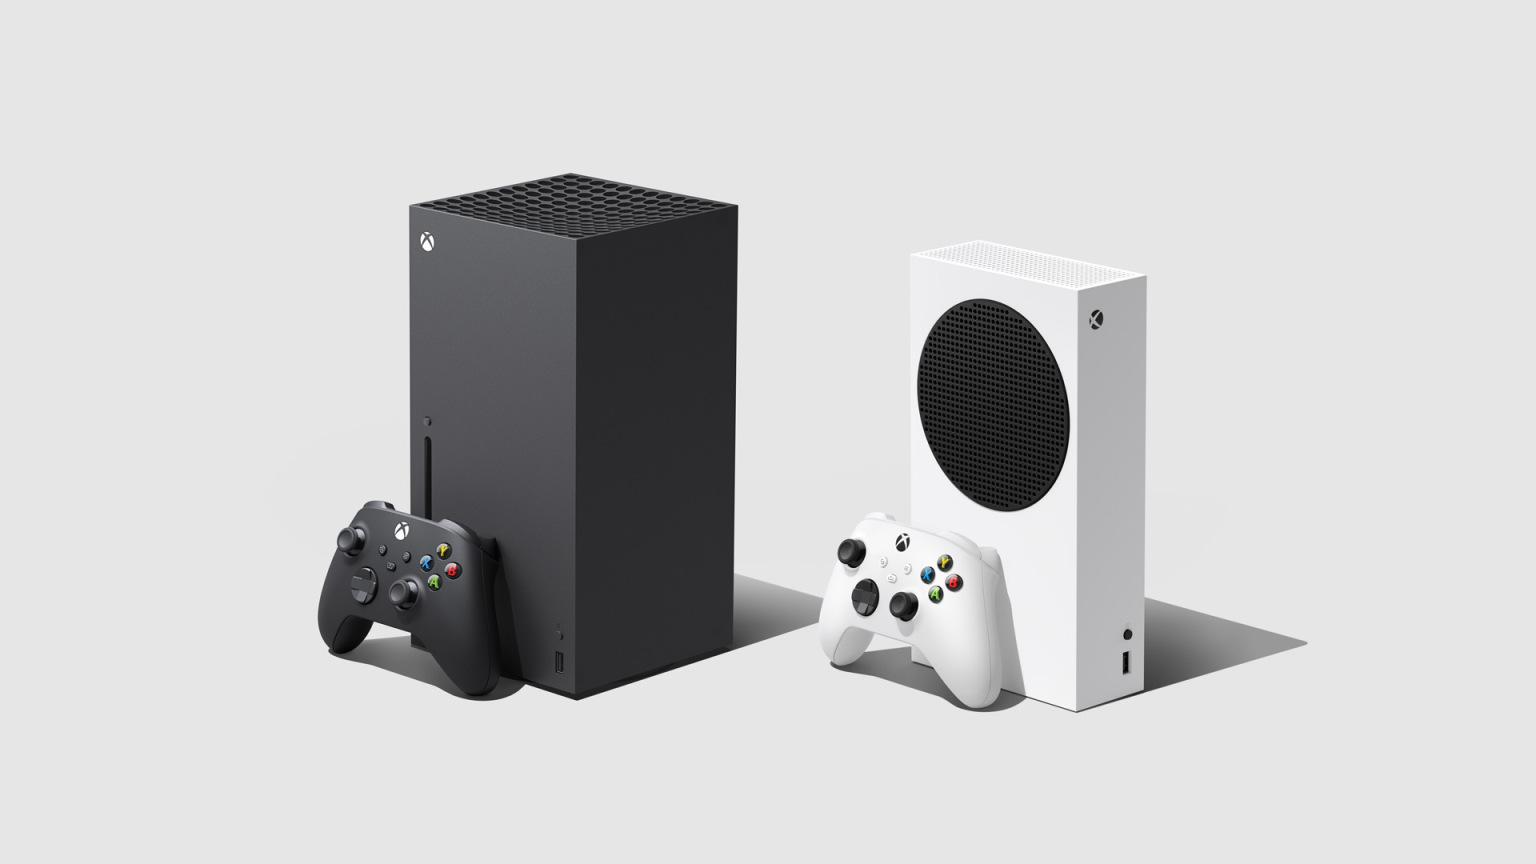 Microsoft divulga preço e data de lançamento do xbox series x e series s. O novo xbox series x custará 499 dólares e será lançado dia 10 de novembro com o series s; pré-venda dos consoles inicia em 22 de setembro